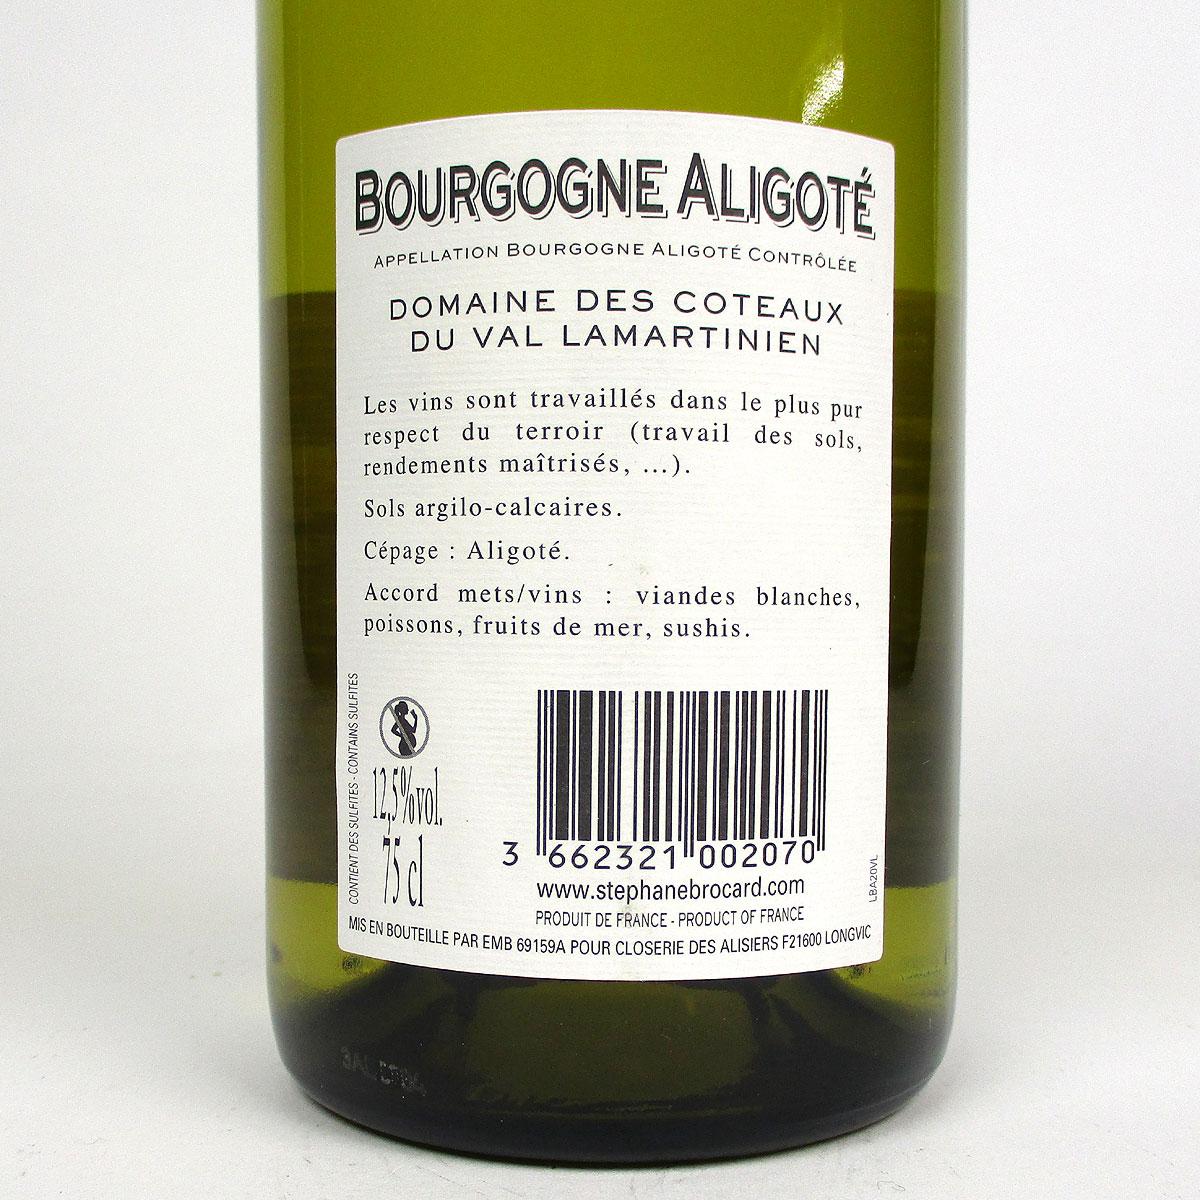 Bourgogne Aligoté: Closerie des Alisiers 2020 - Bottle Rear Label